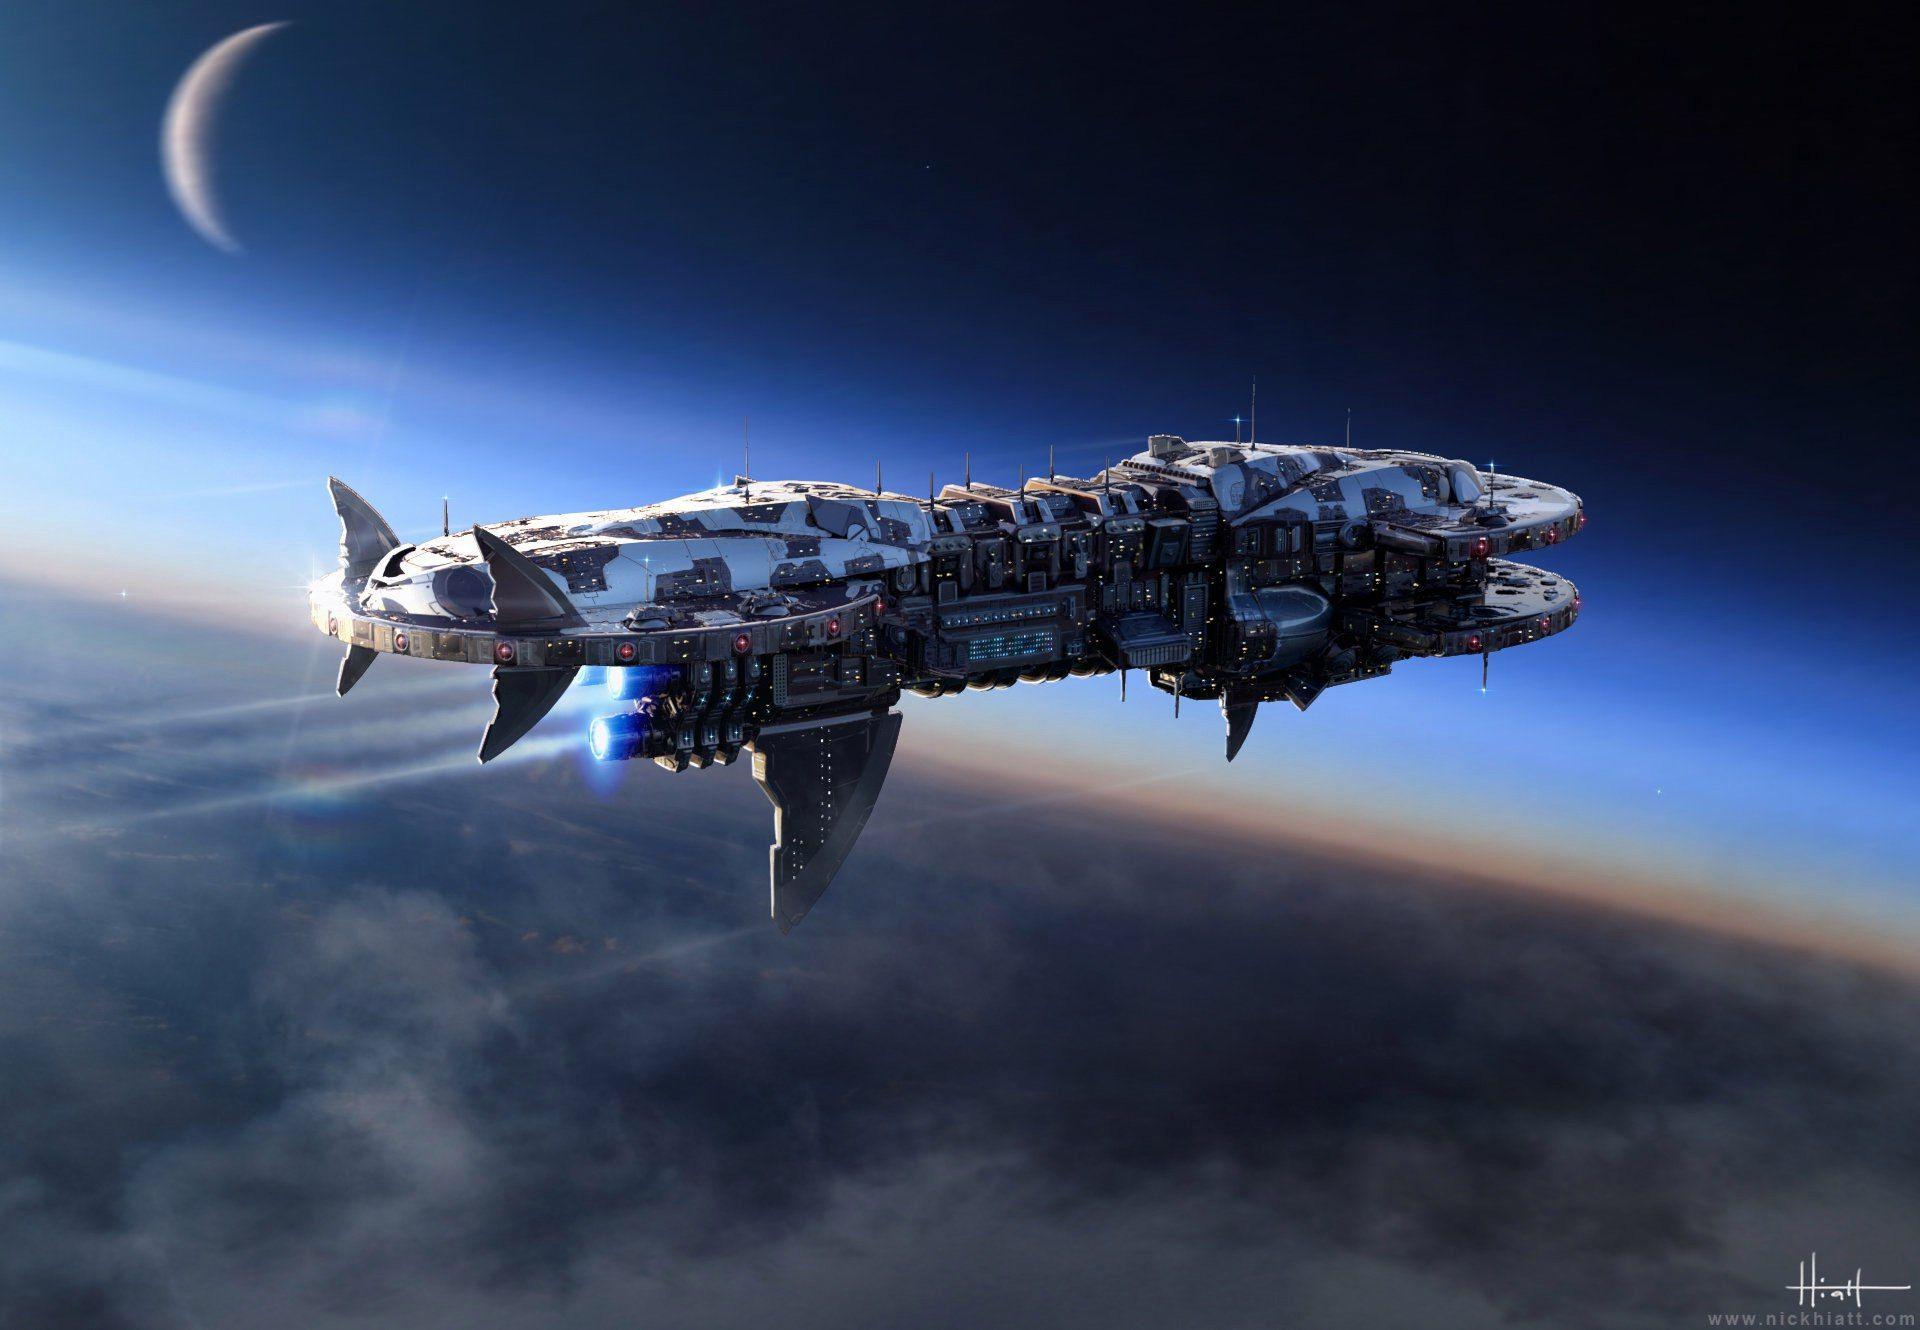 картинки космического карабля как для